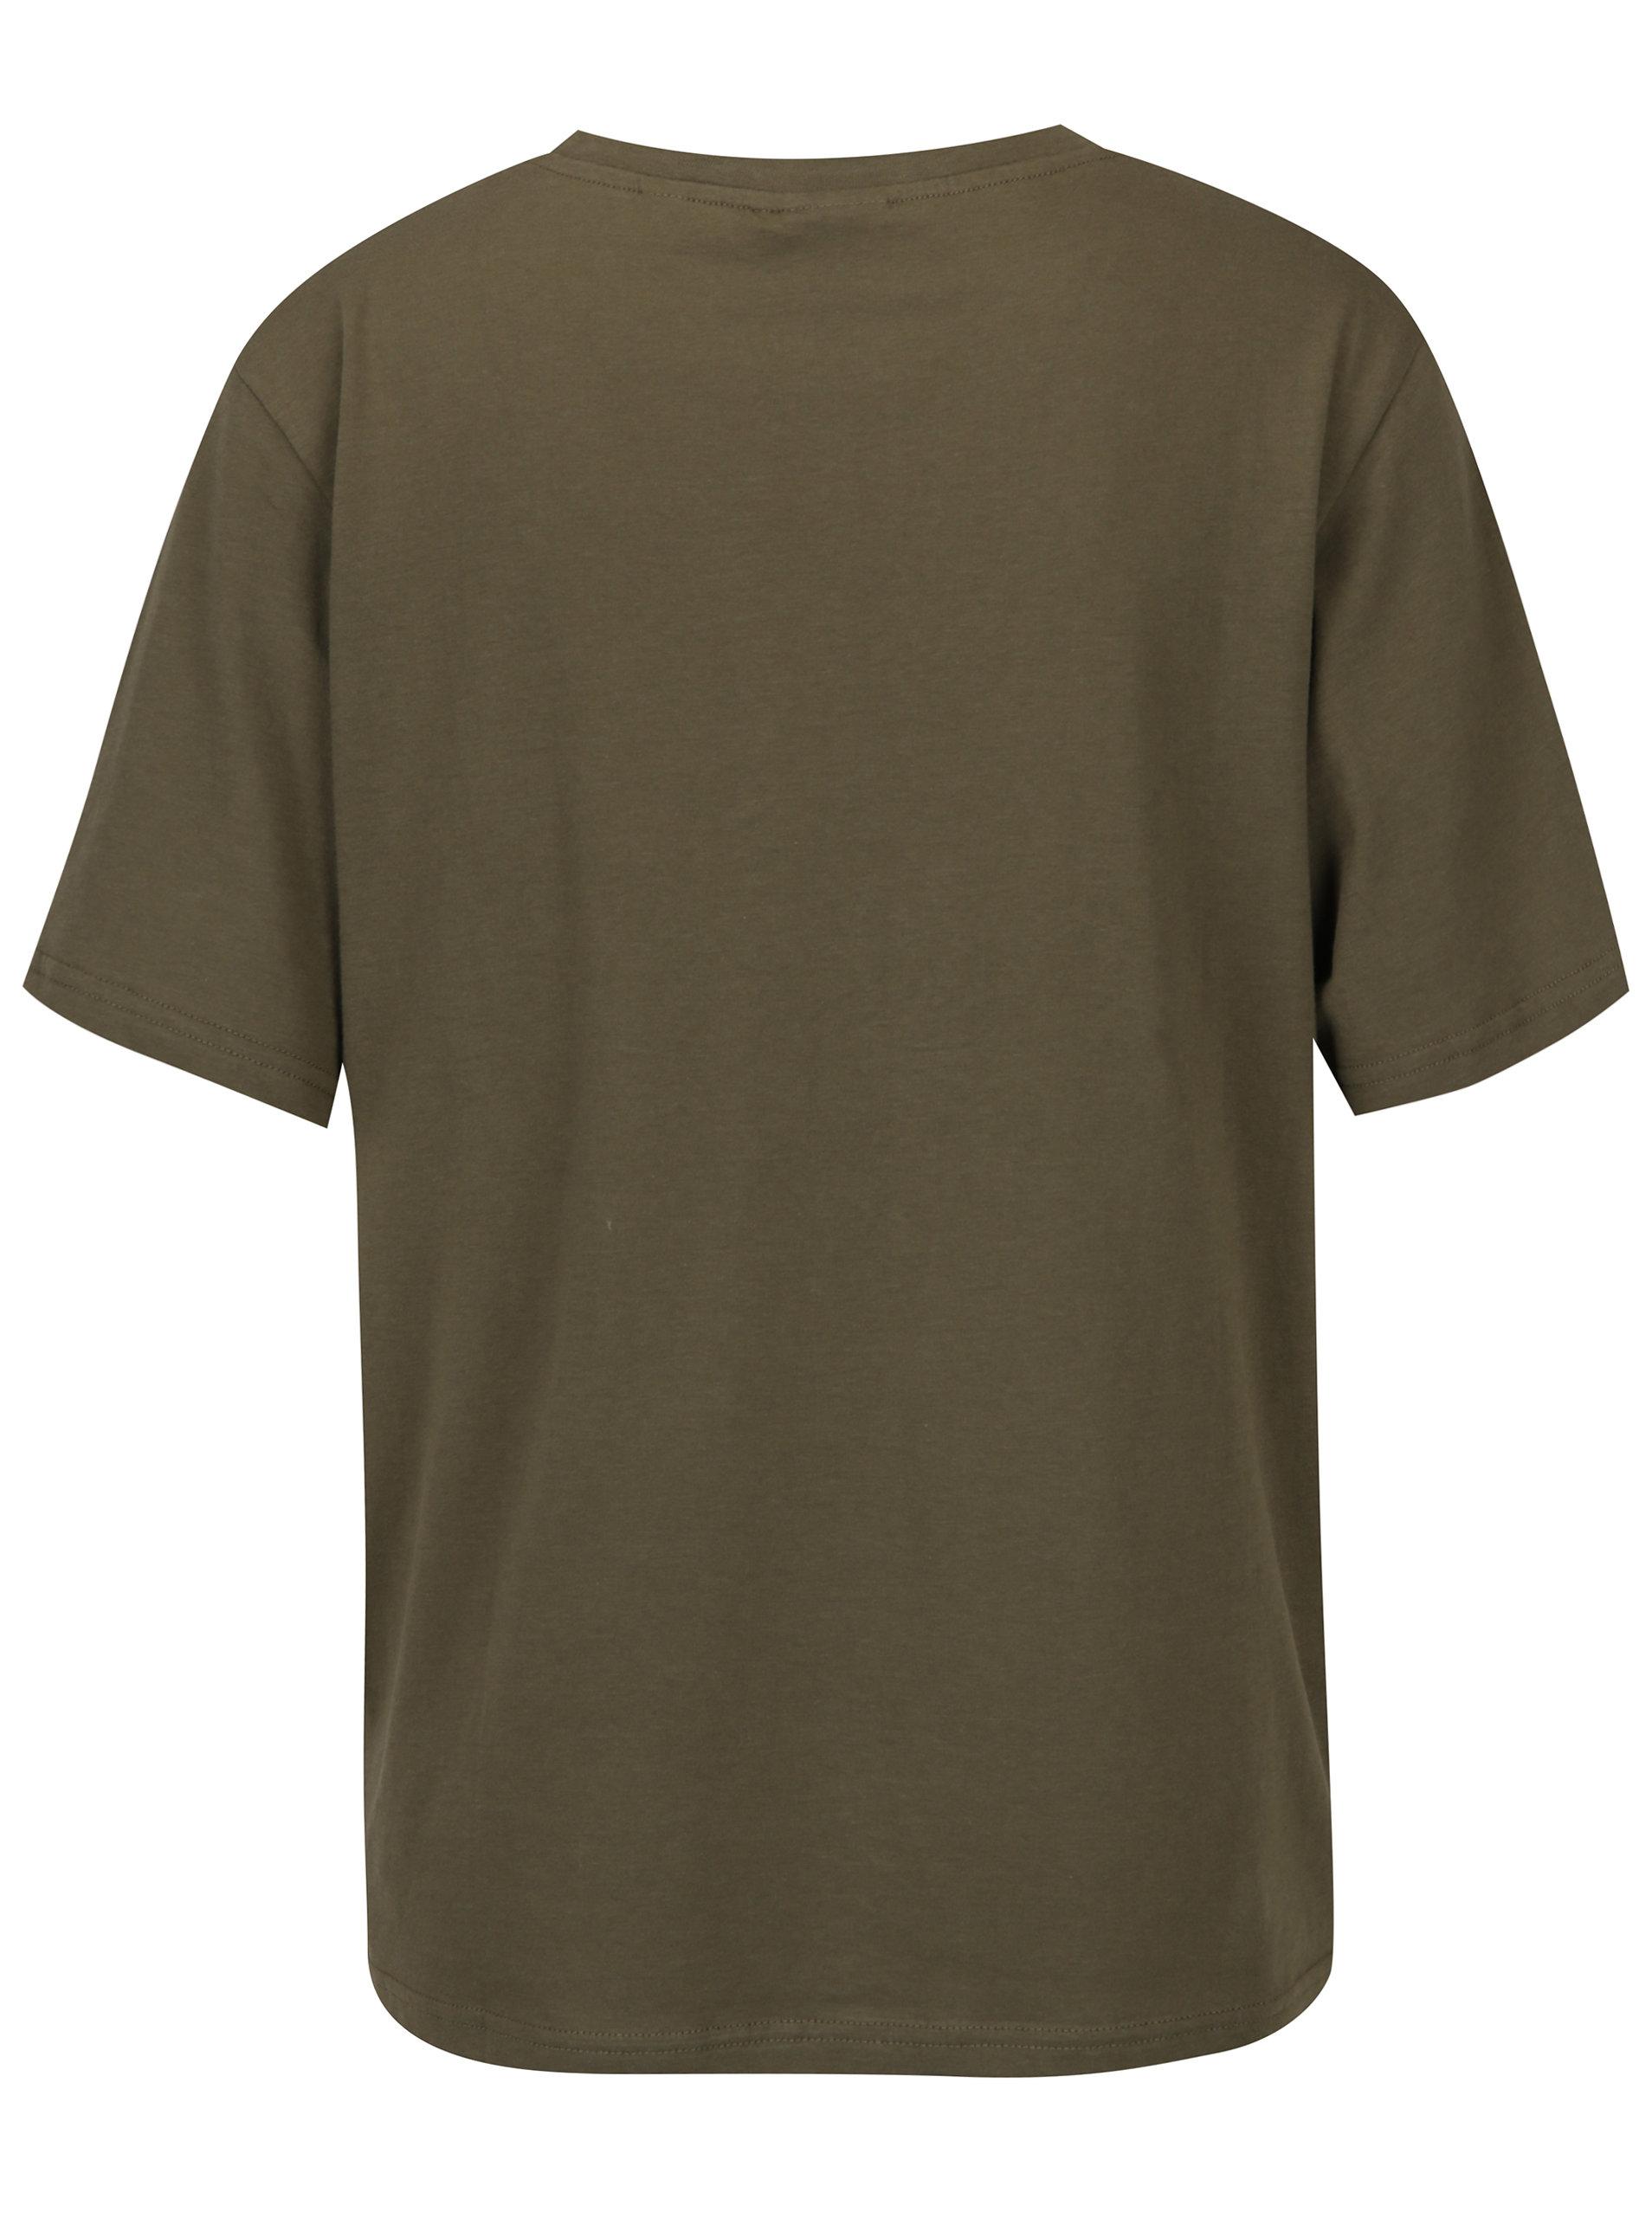 21bf15a44cb6 Kaki dámske voľné tričko s potlačou Cheap Monday Love ...